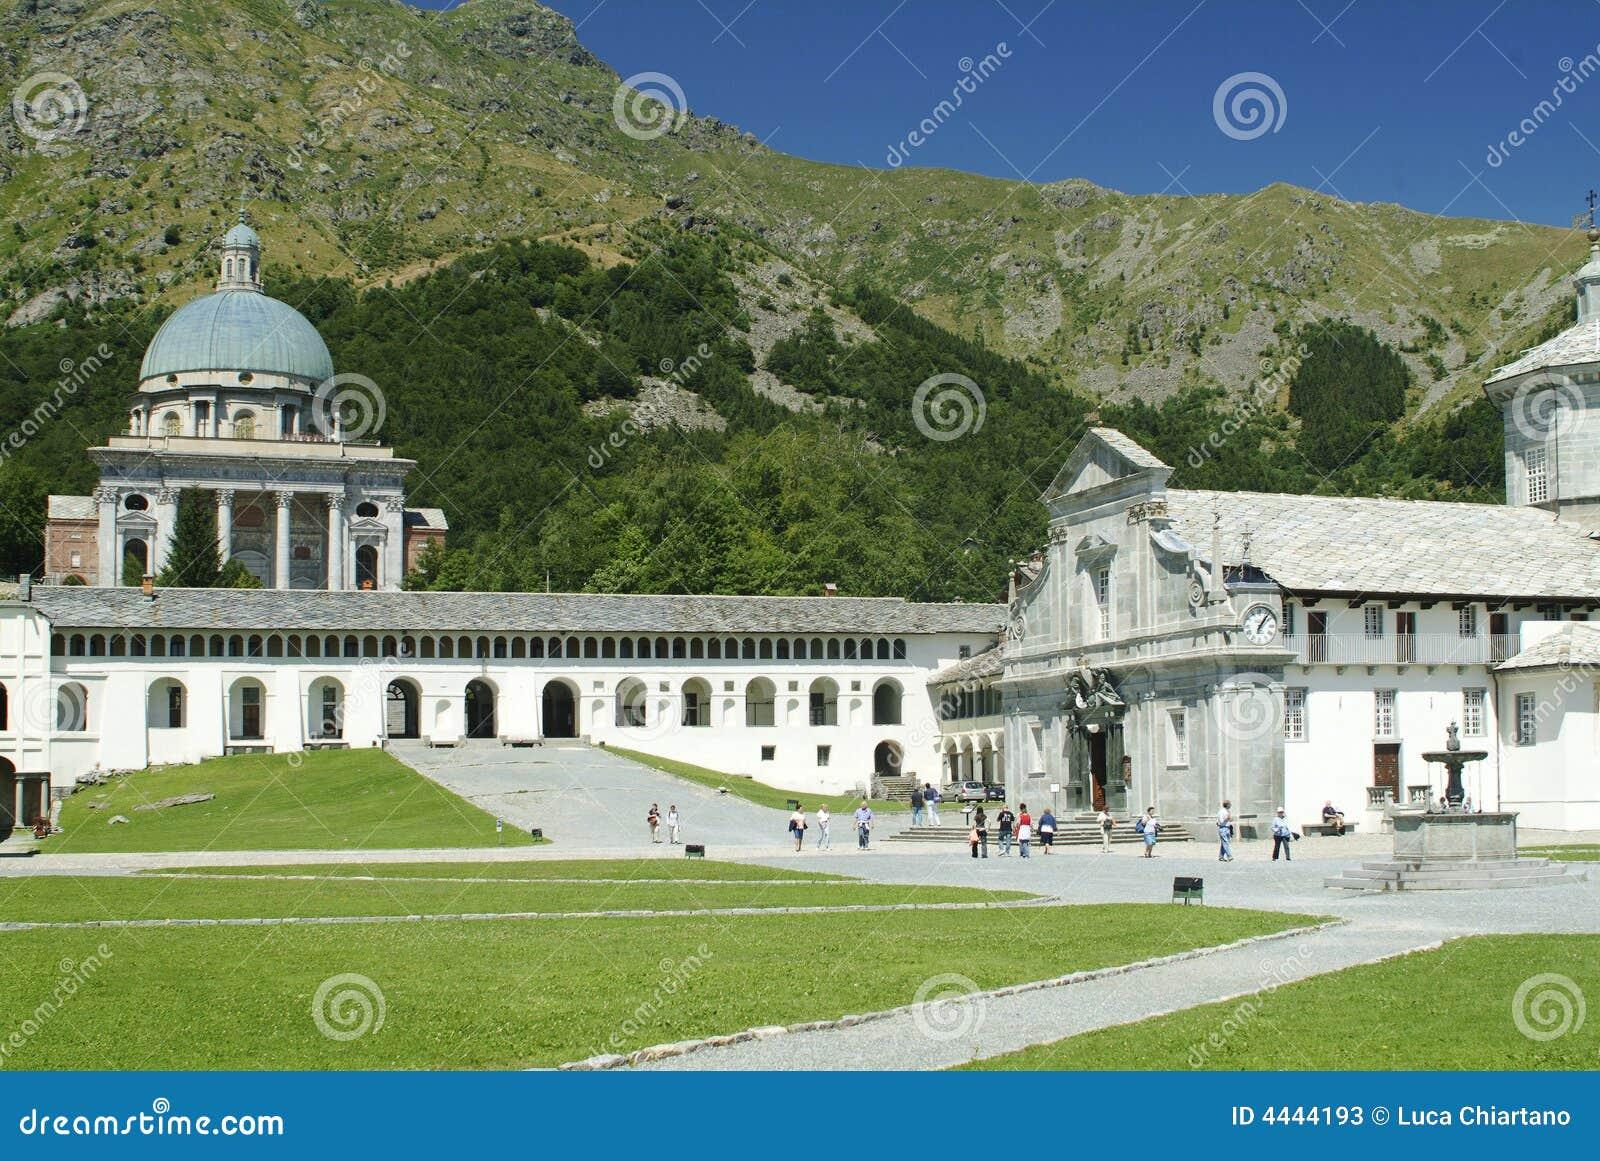 Schongebiet von Oropa - Biella - Italien